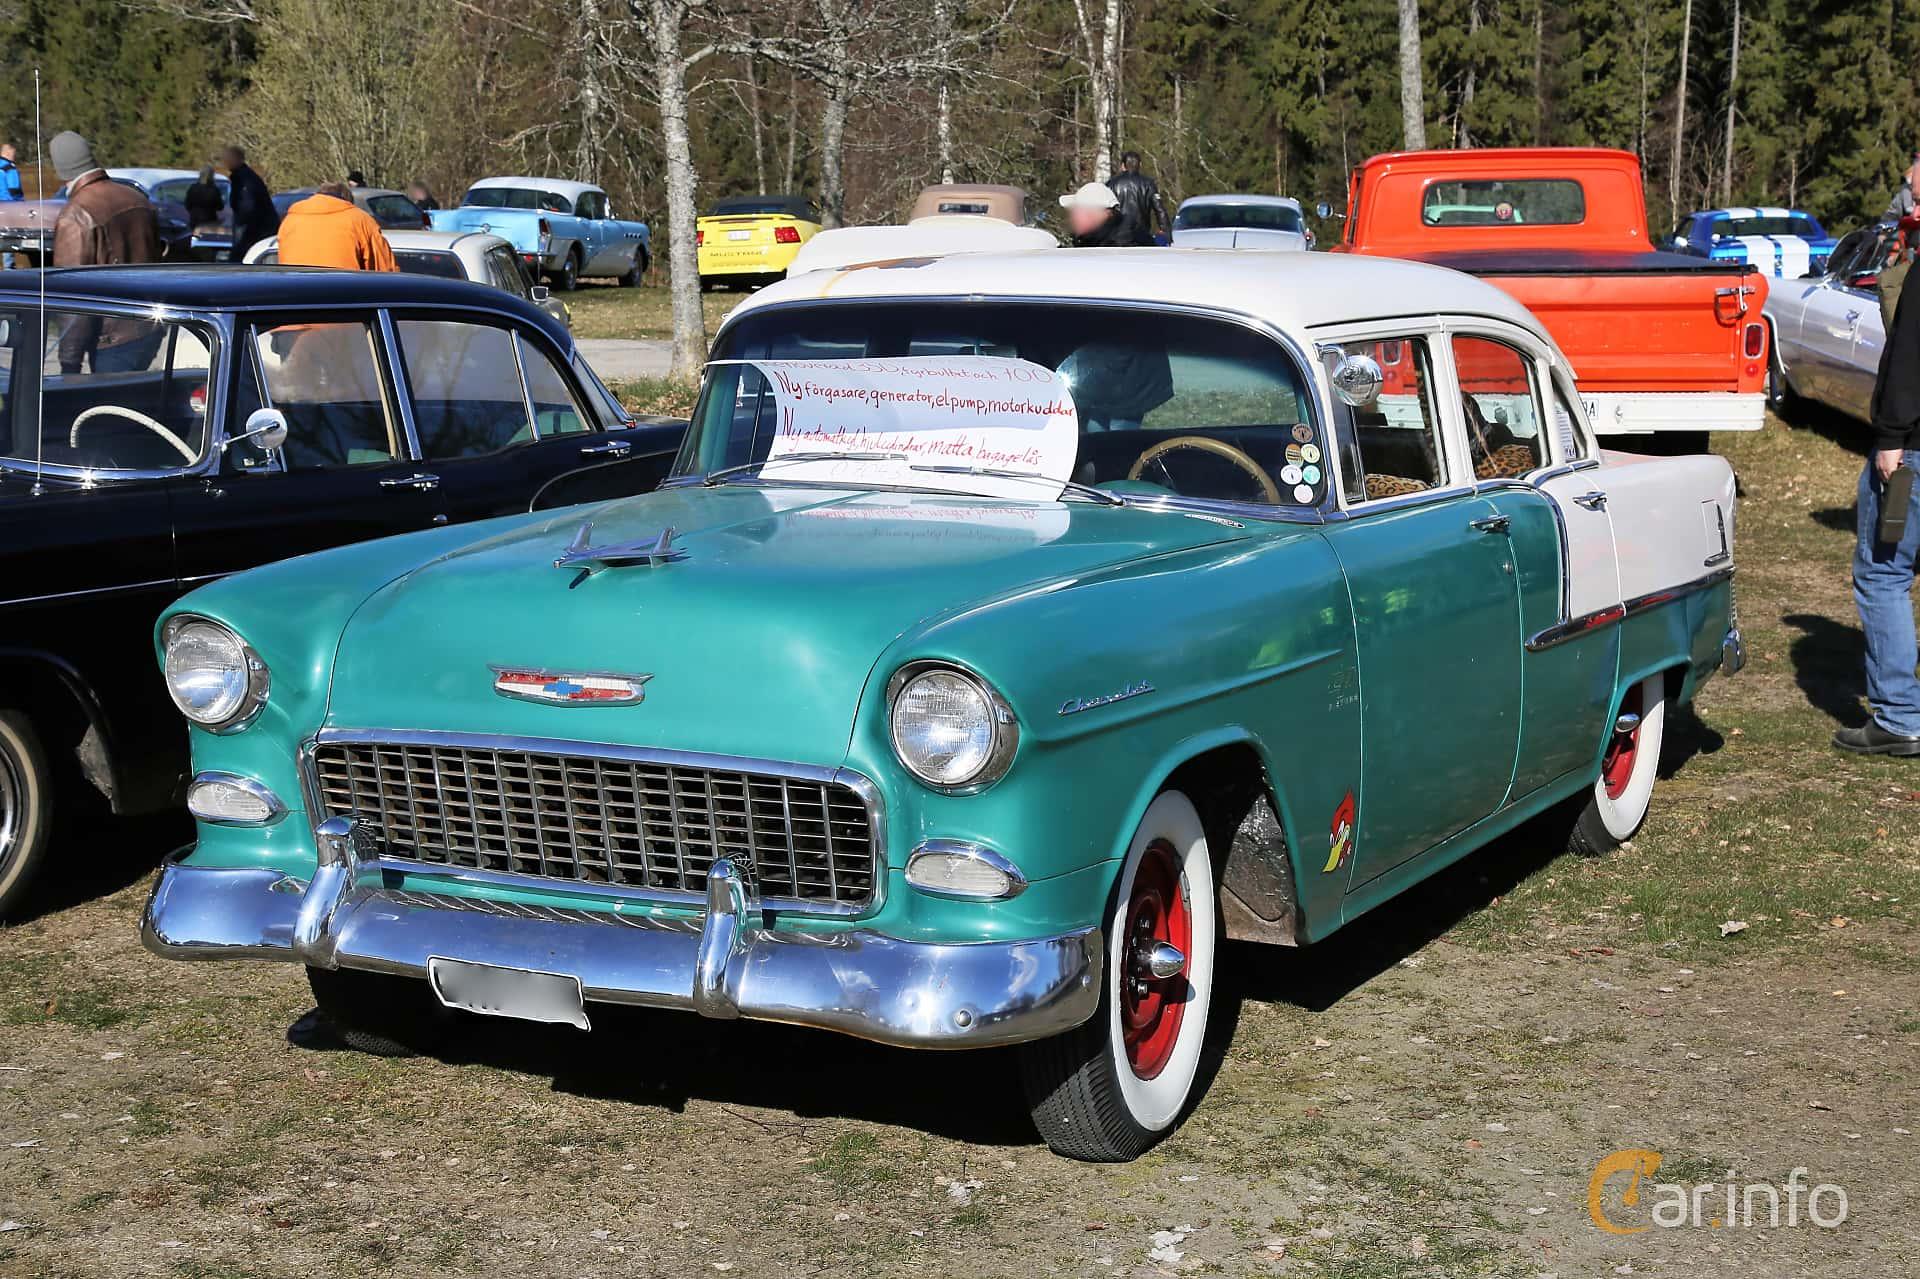 Chevrolet 210 4-door Sedan 3.9 Powerglide, 138hp, 1955 at Uddevalla Veteranbilsmarknad Backamo, Ljungsk 2019